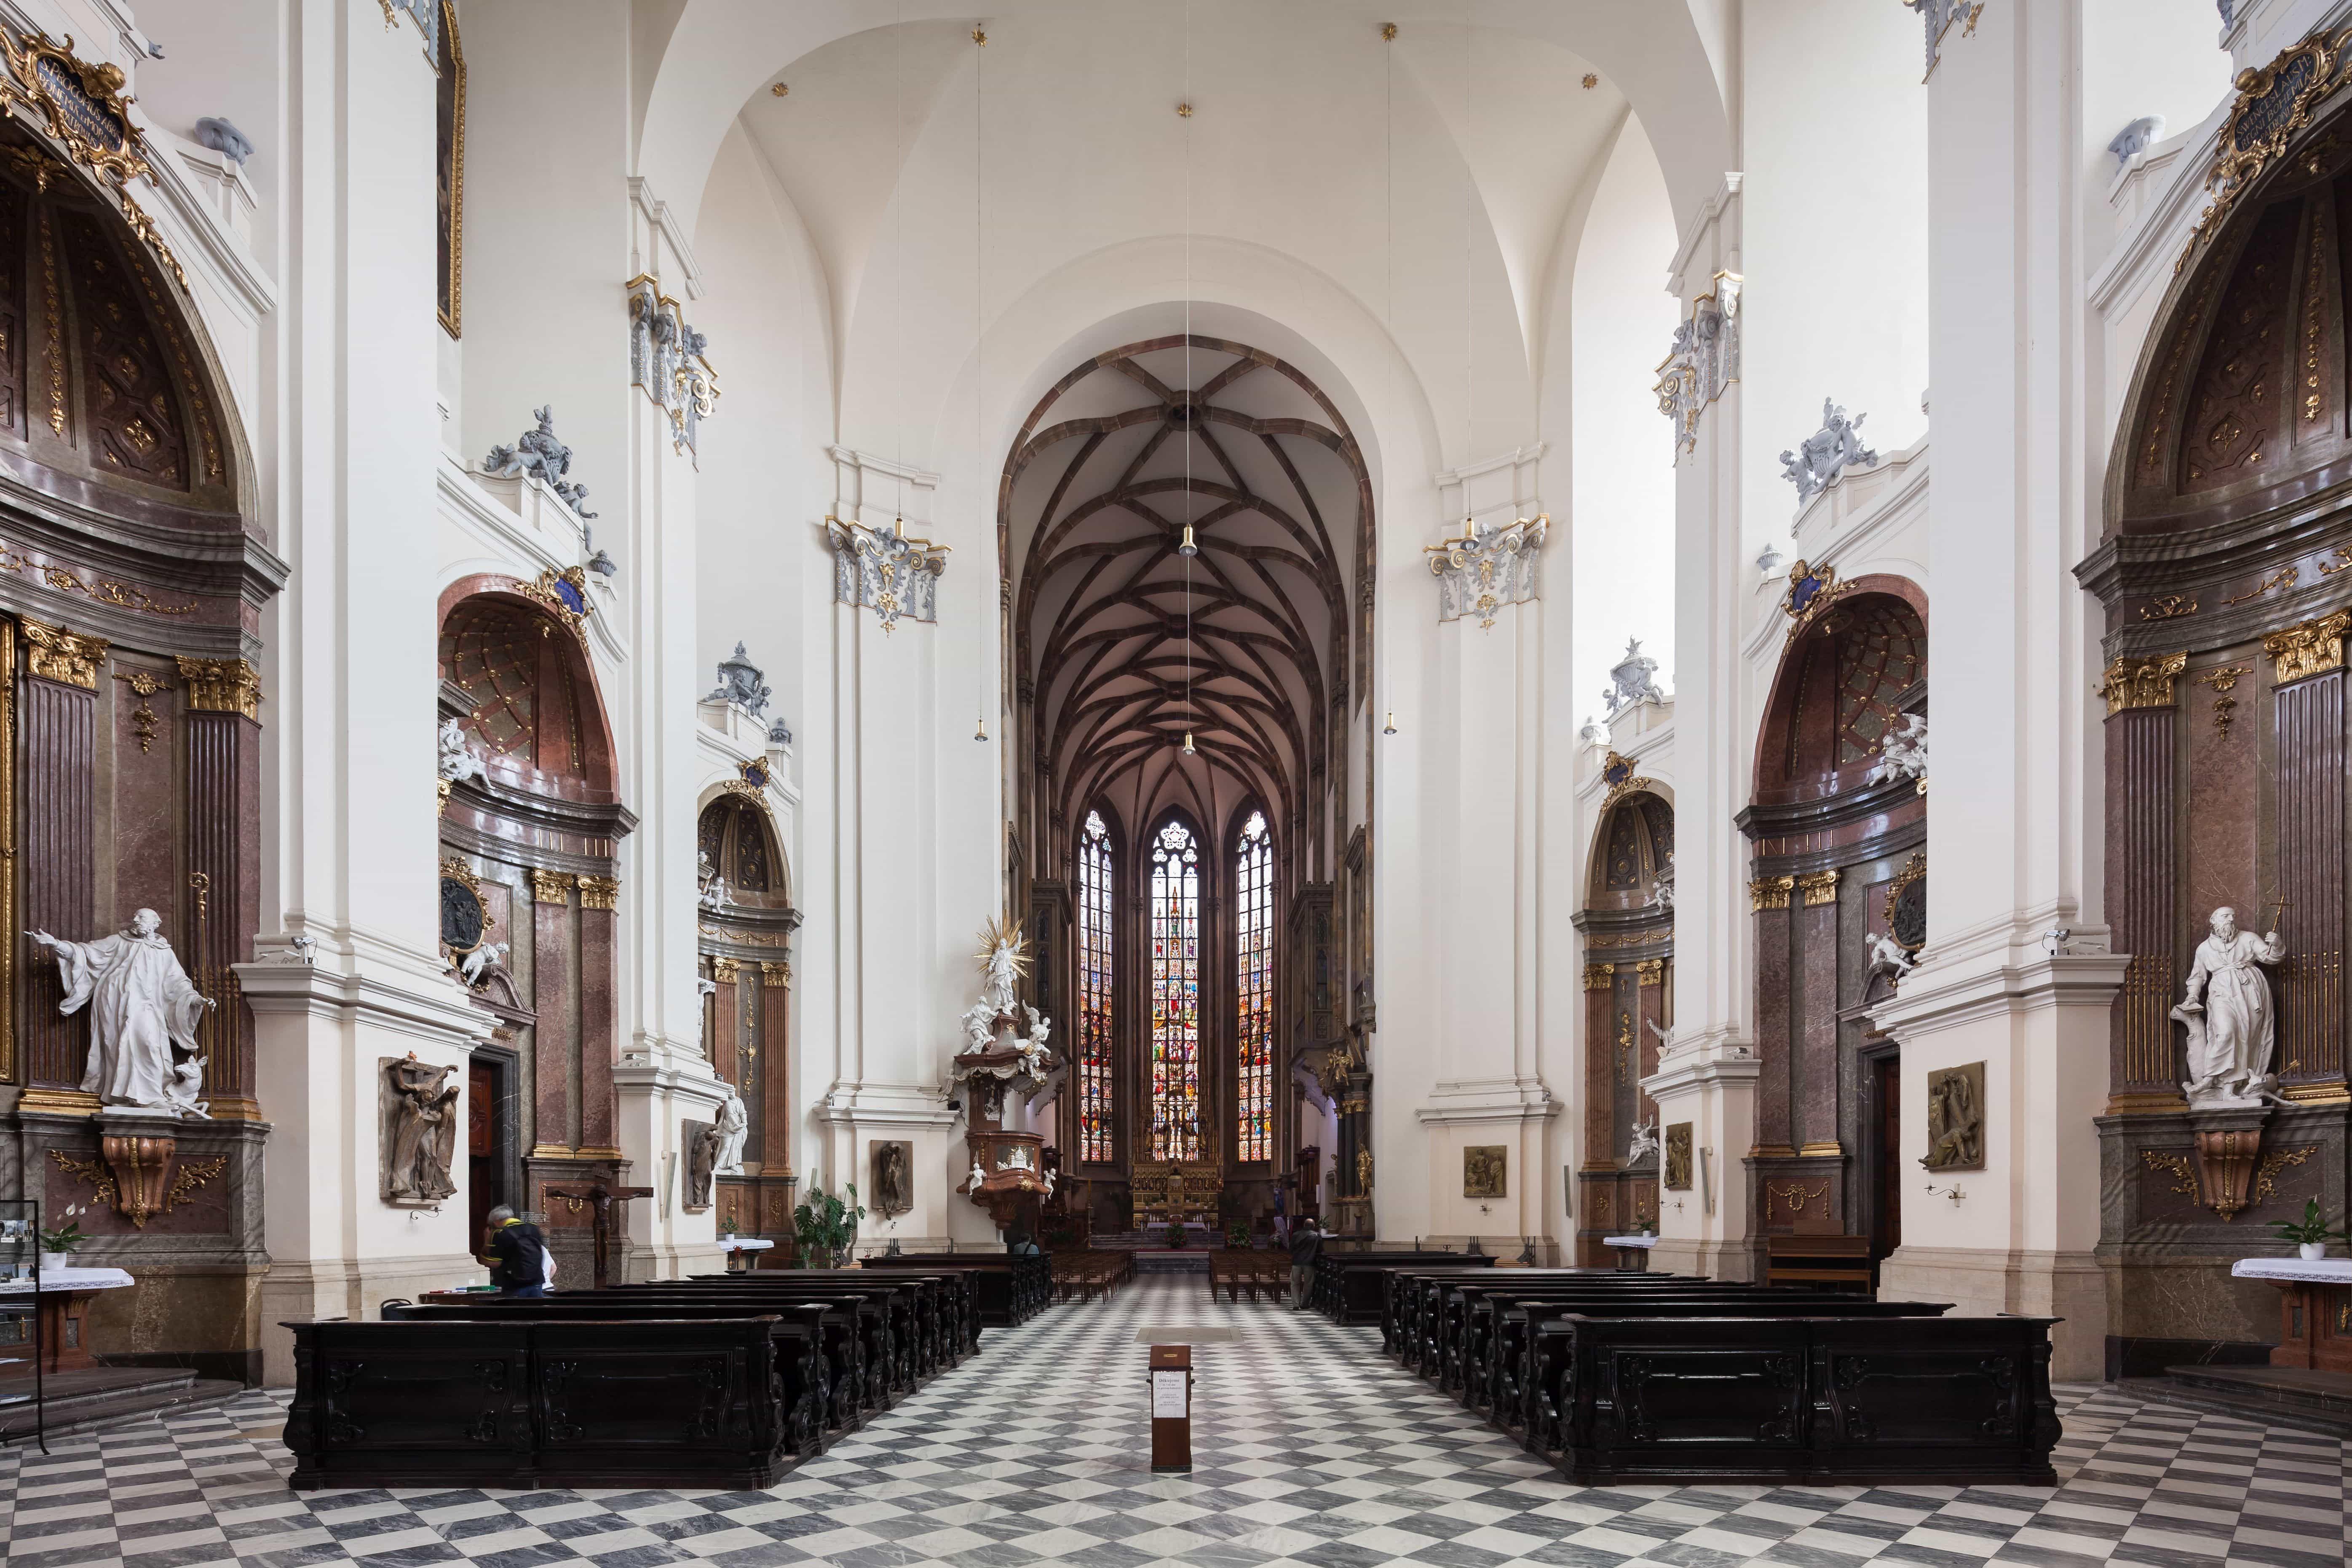 Katedrála sv. Petra a Pavla - interiér, Petrov, Brno.